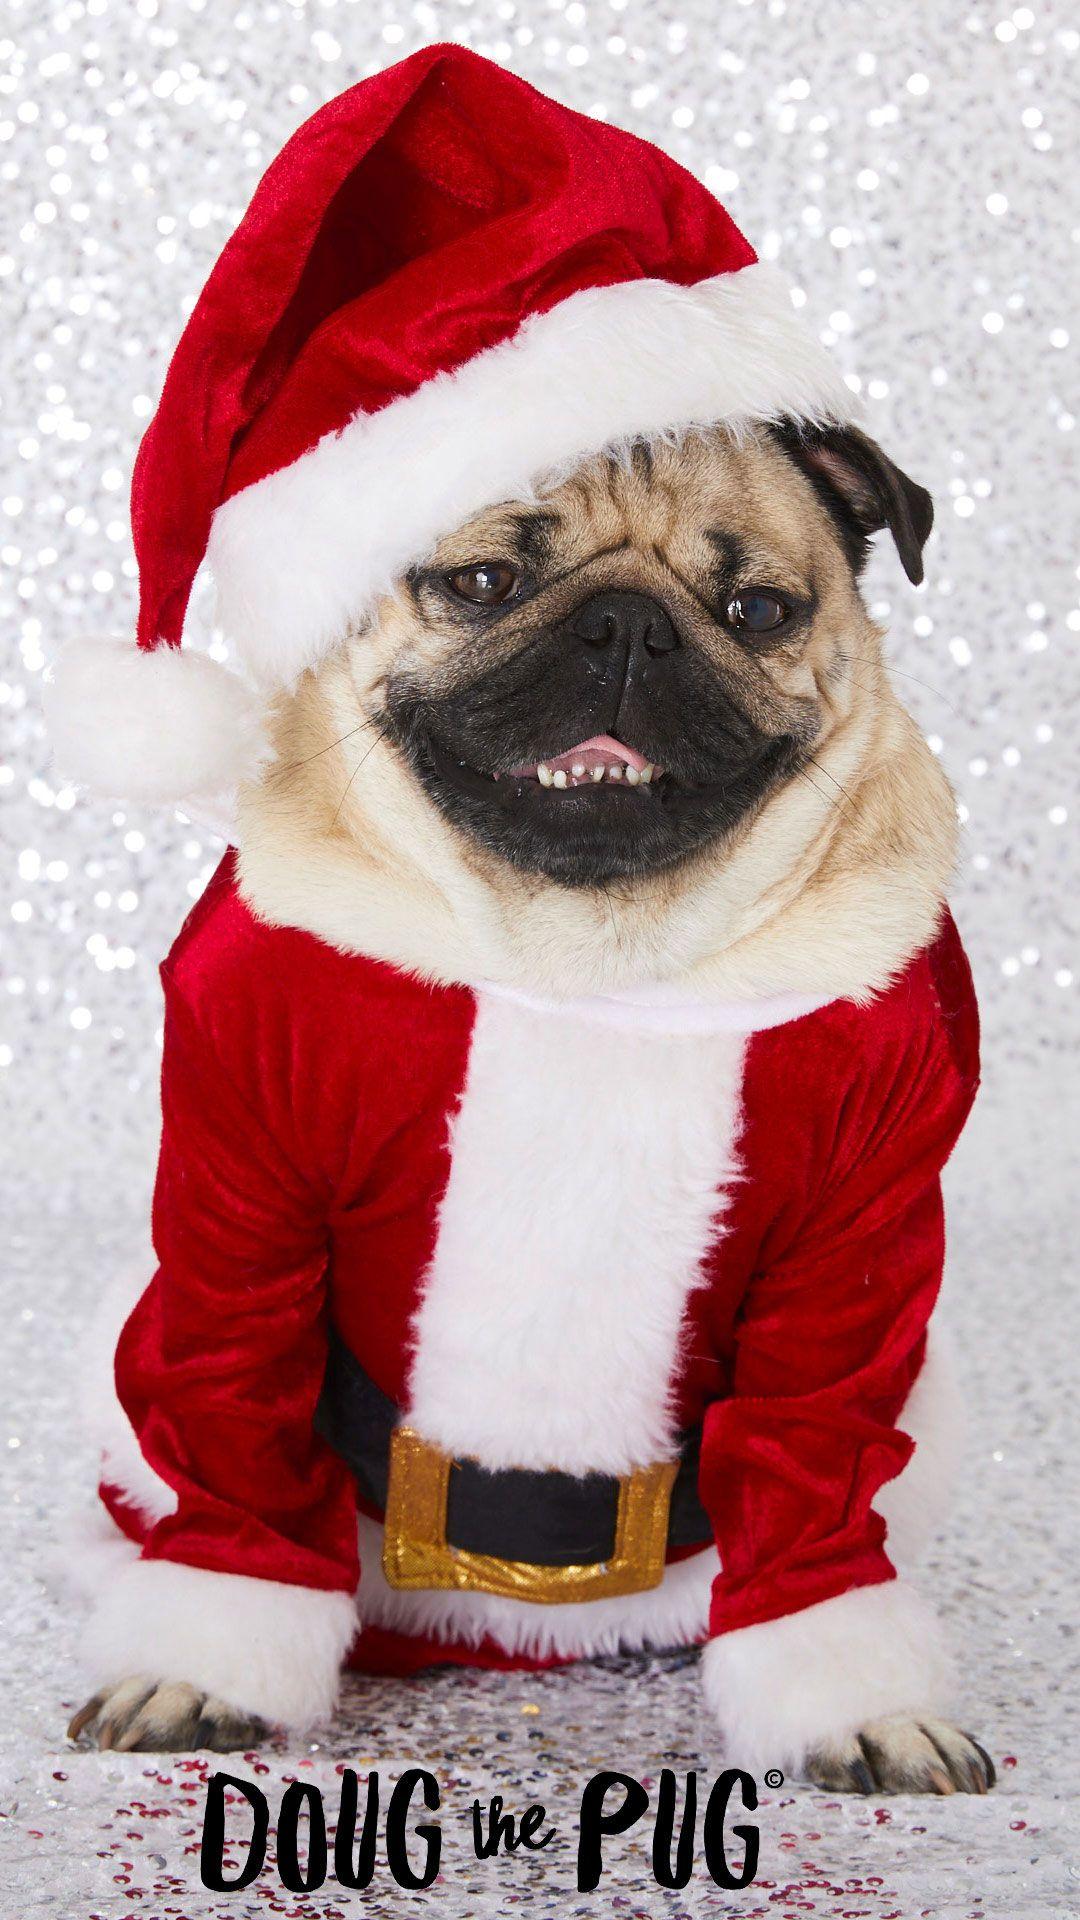 FREE Doug the Pug Christmas Wallpapers   ClairesBlog Slime 1080x1920